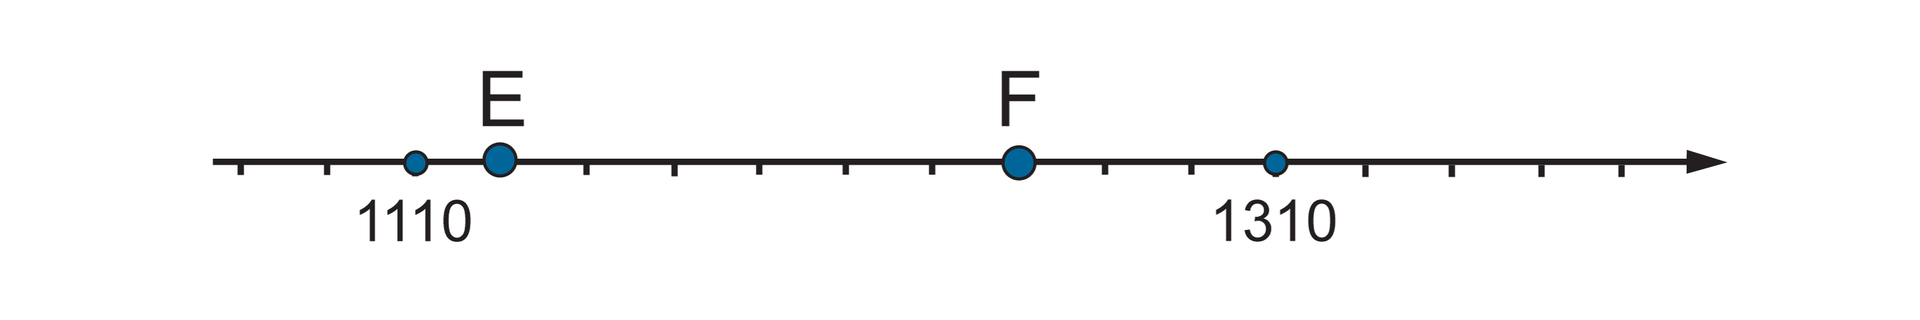 """""""Rysunek osi liczbowej zzaznaczonymi liczbami 1110, 1310 oraz punktami EiF. Między liczbami zaznaczono dziesięć równych części. Szukane punkty: punkt Ewyznacza jedną część za punktem 1110"""